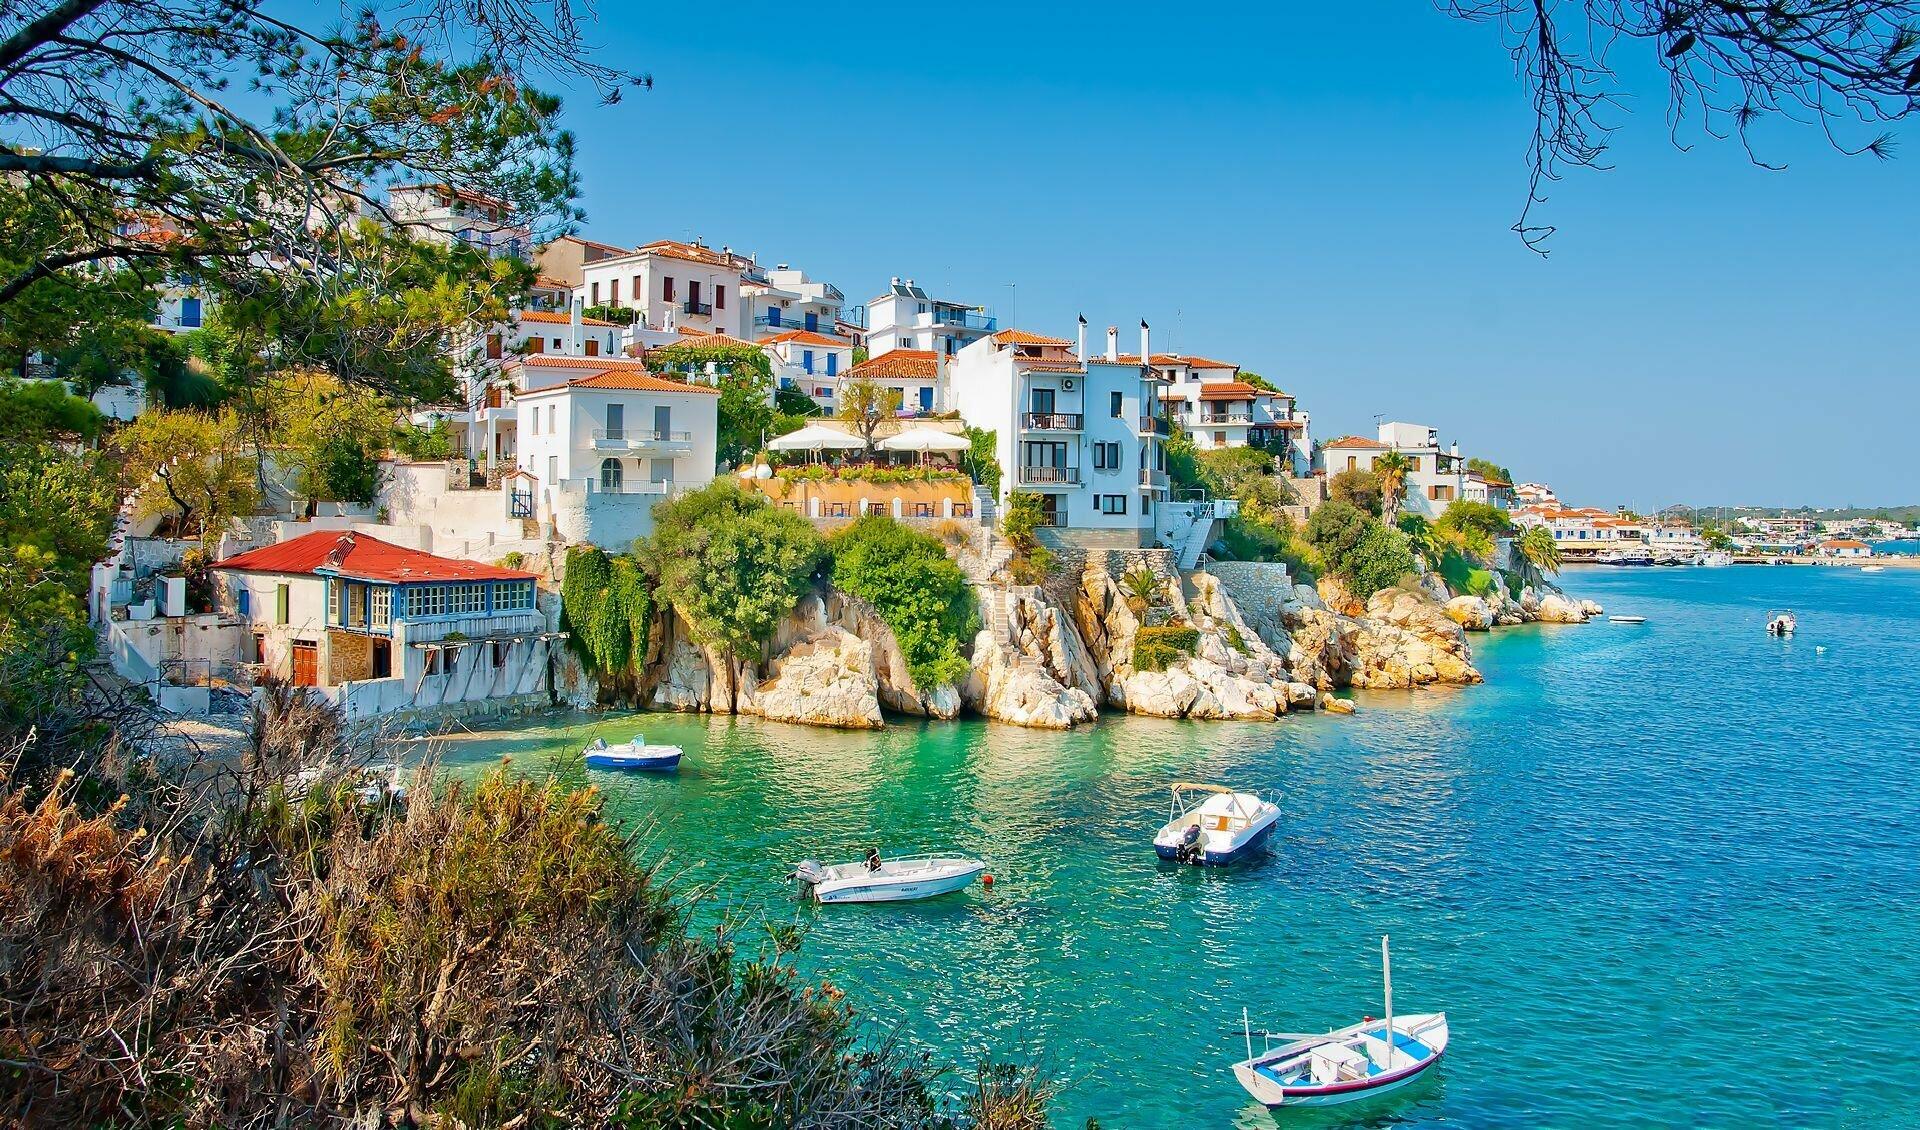 Греция заняла 3 месте в рейтинге лучших стран с чистейшим морем